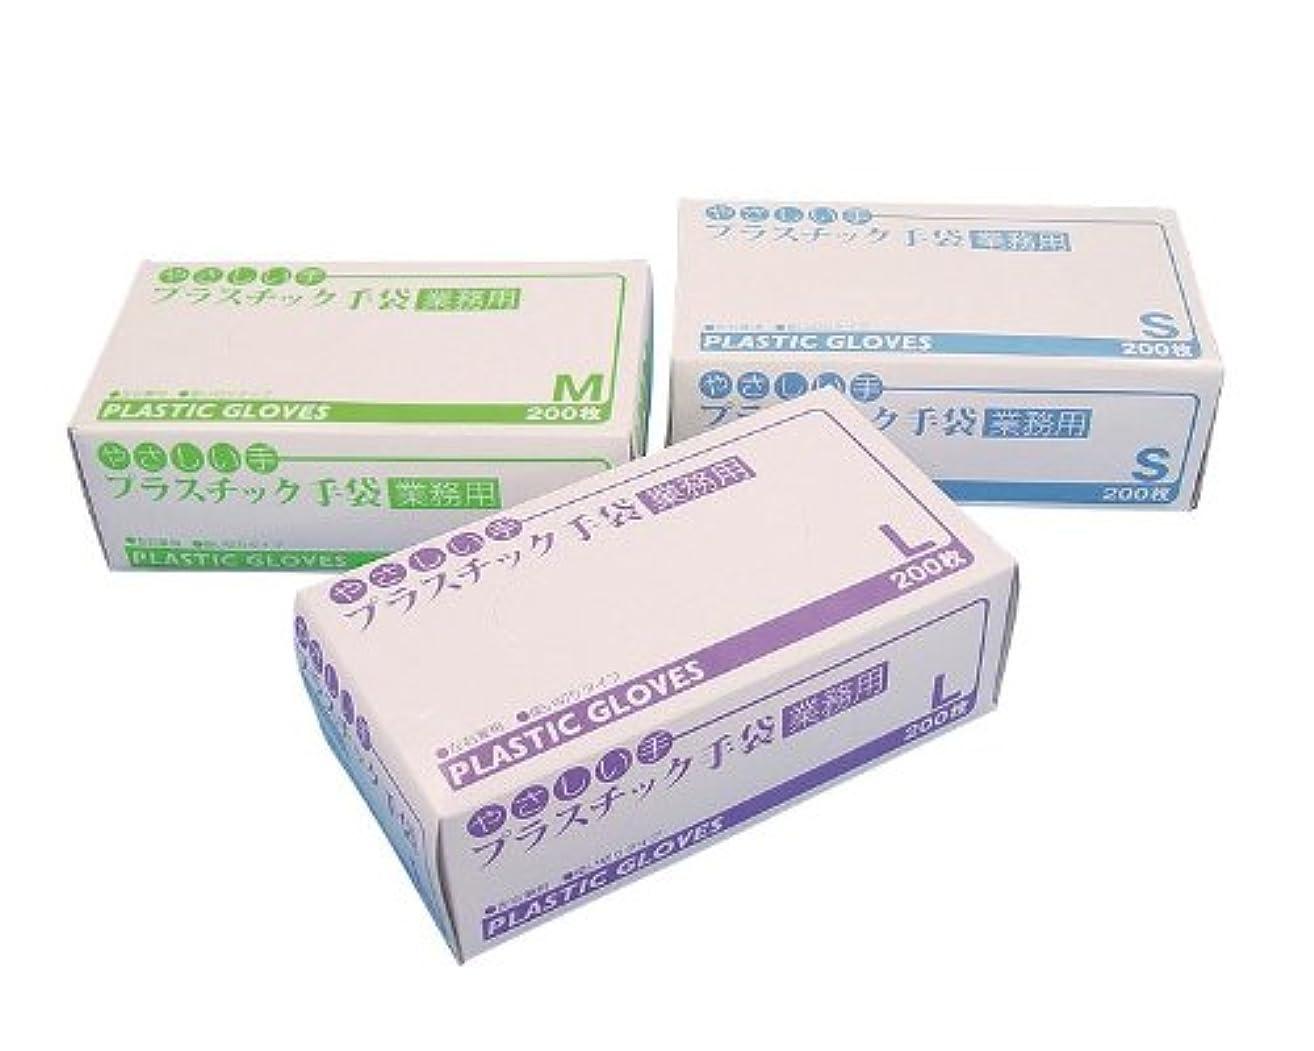 やさしい手 プラスチック手袋 業務用 OM-460 200枚入/Sサイズ